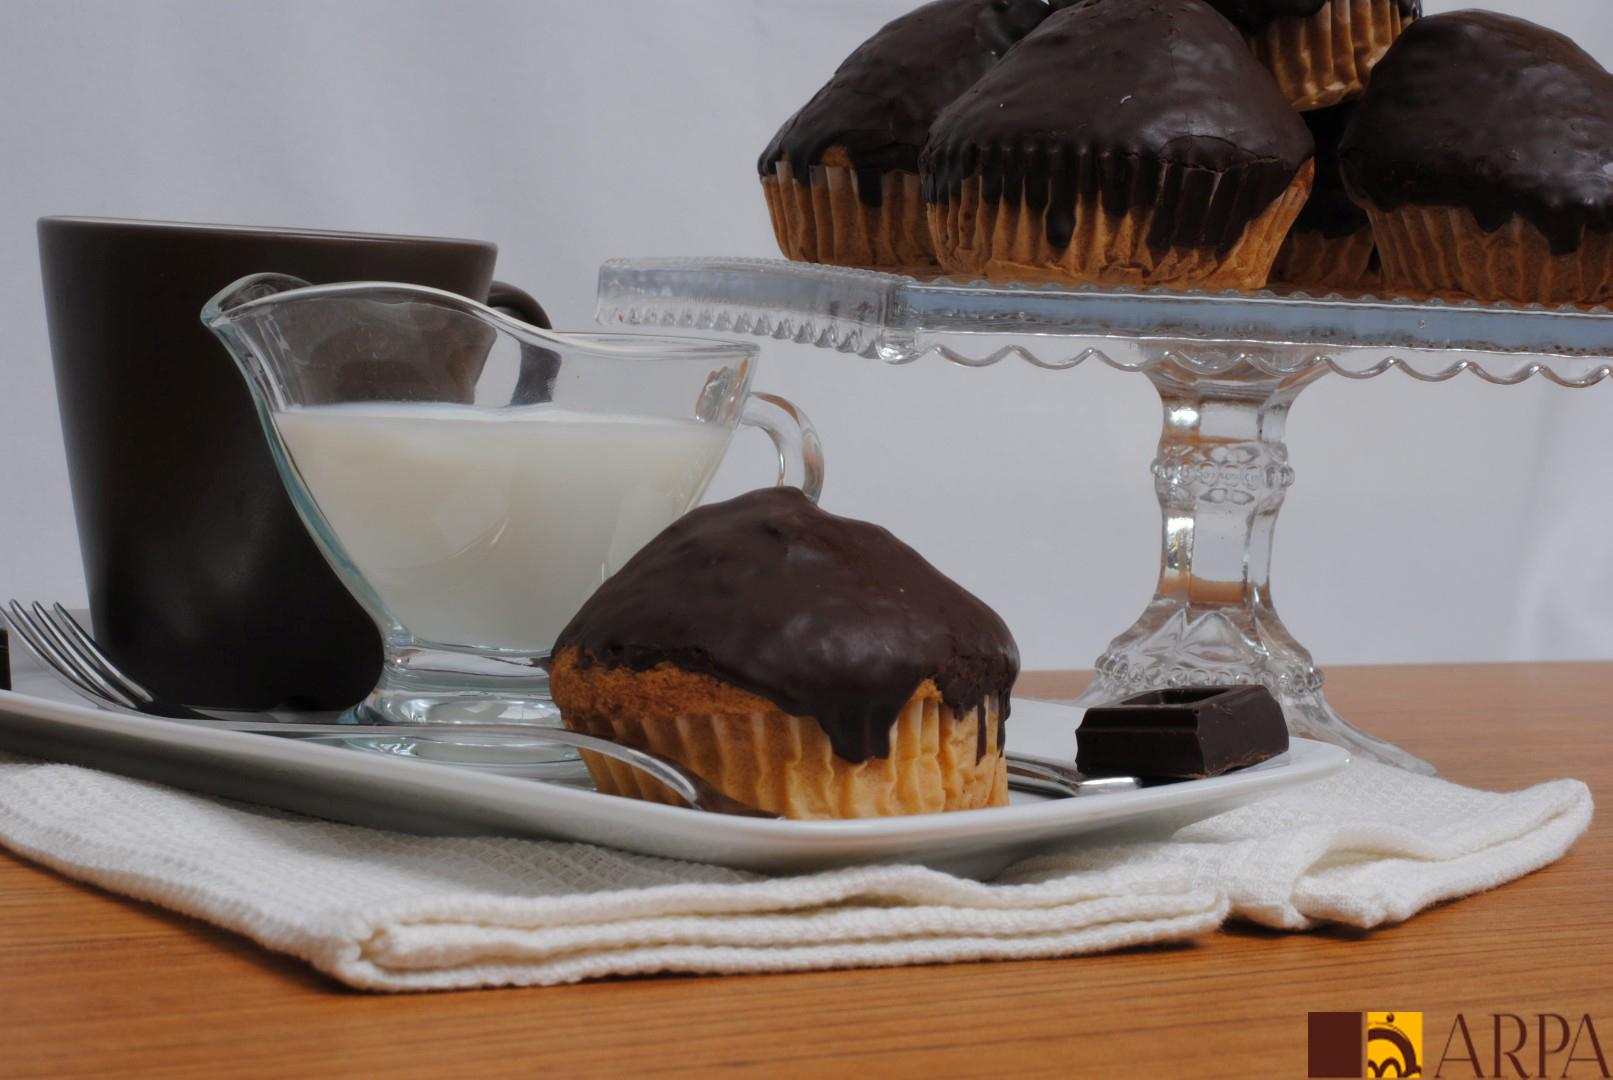 Presentación magdalena artesanal bañada en chocolate negro